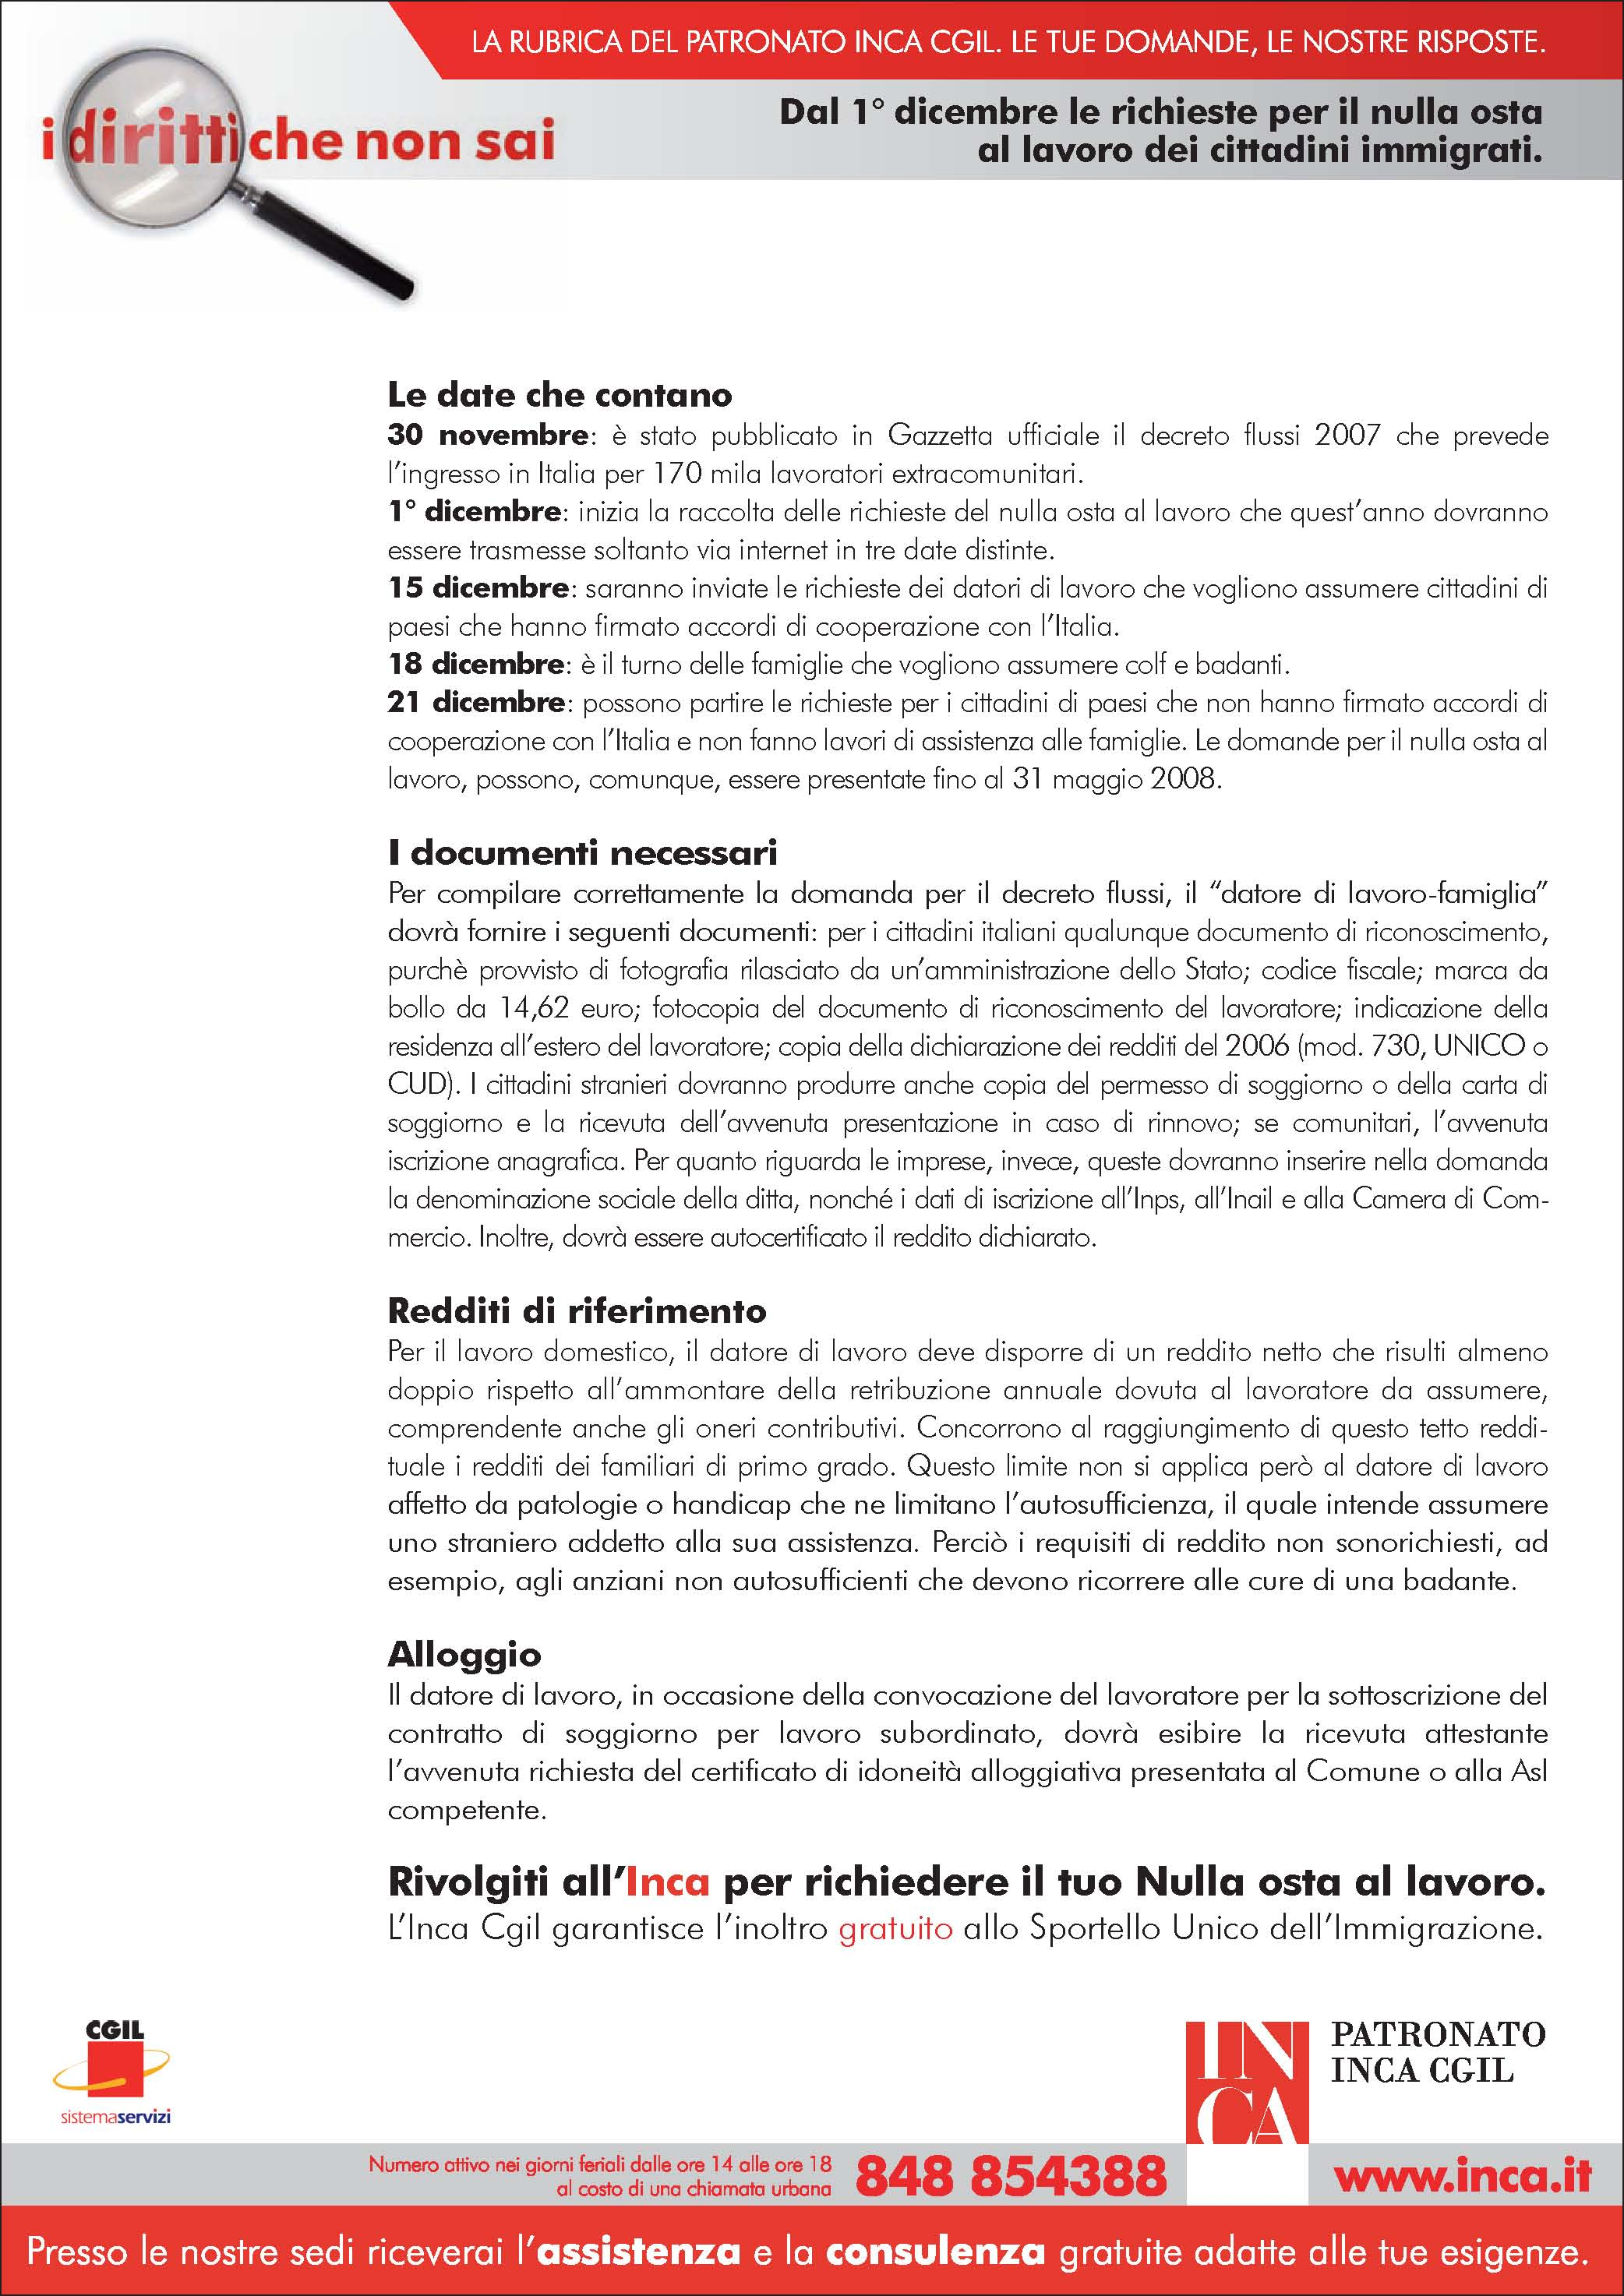 Decreto flussi 2008 at CGIL Siena – contratti lavoro – Patronato ...